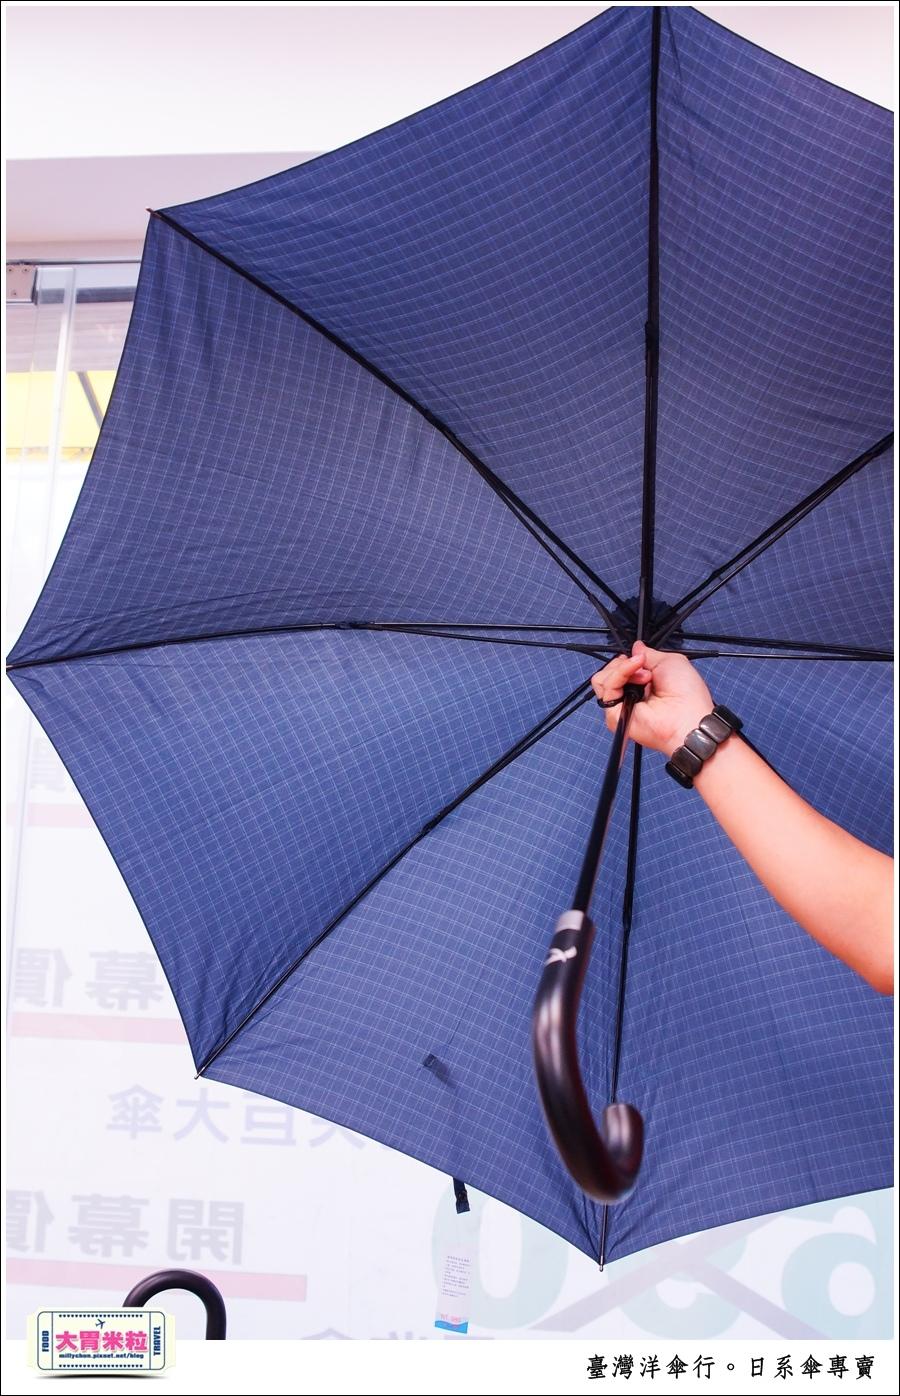 高雄臺灣洋傘行@日系雨傘專賣店推薦@反向傘無敵傘櫻花傘@大胃米粒0088.jpg